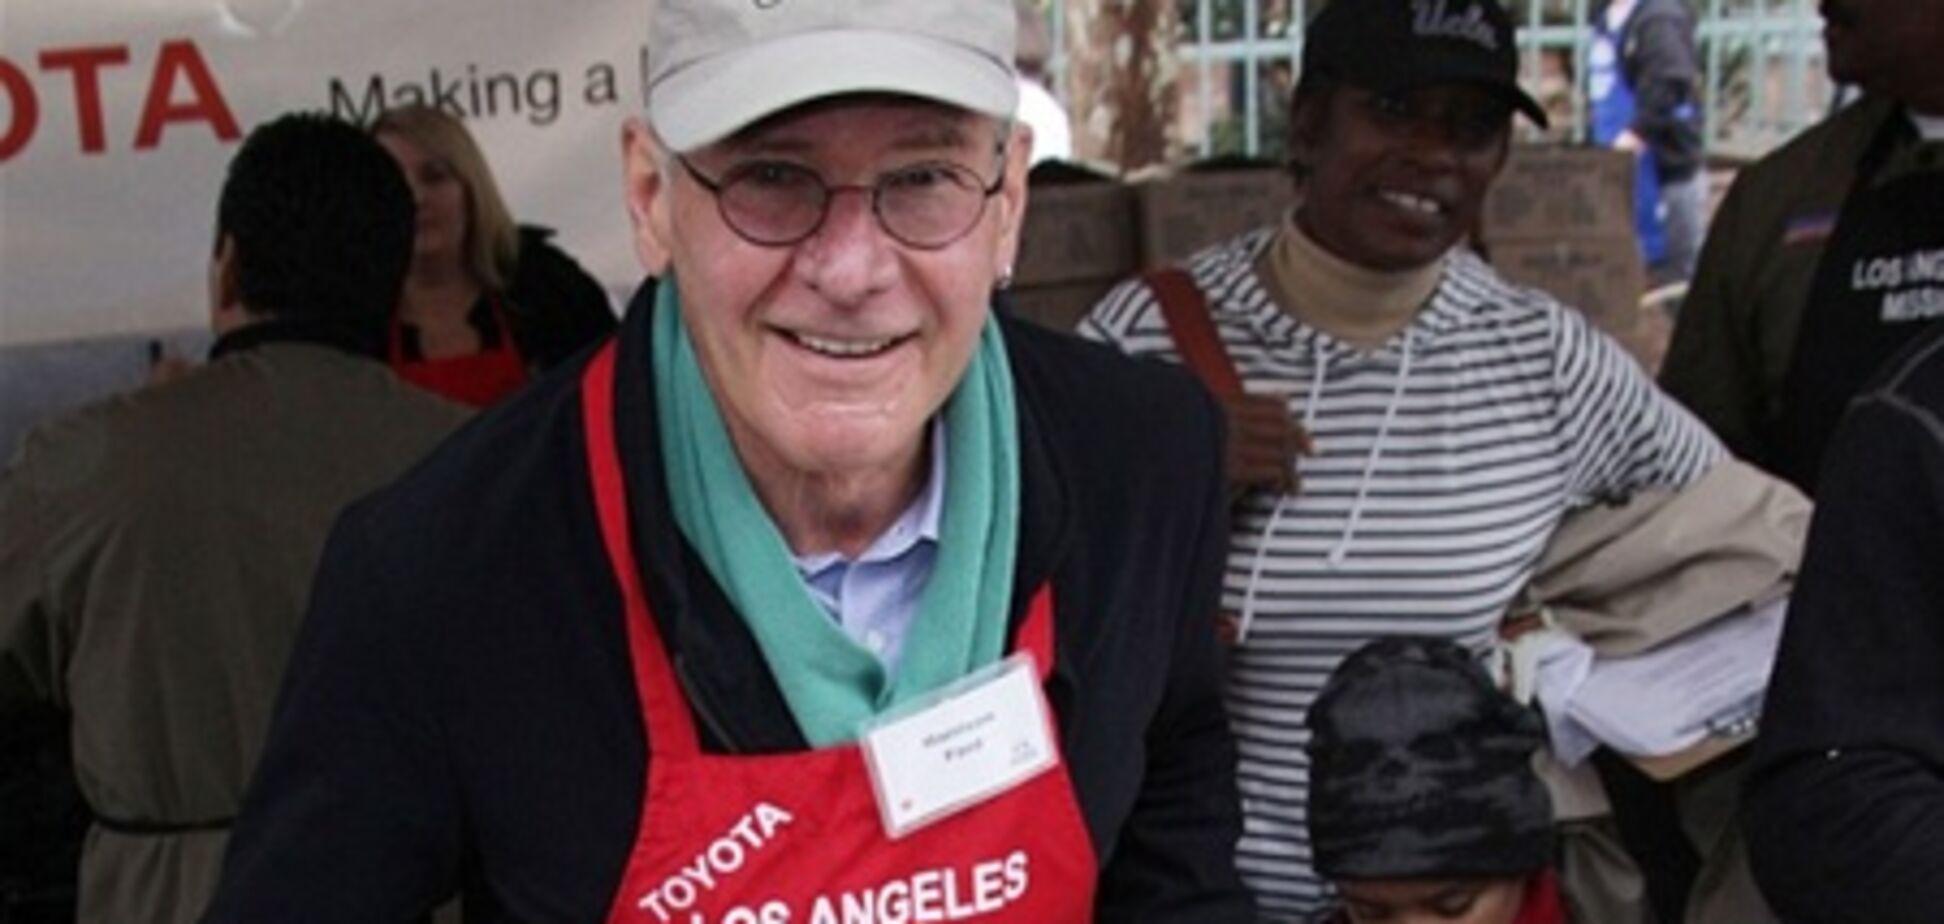 'Индиана Джонс' в канун Рождества помогал нуждающимся. Фото